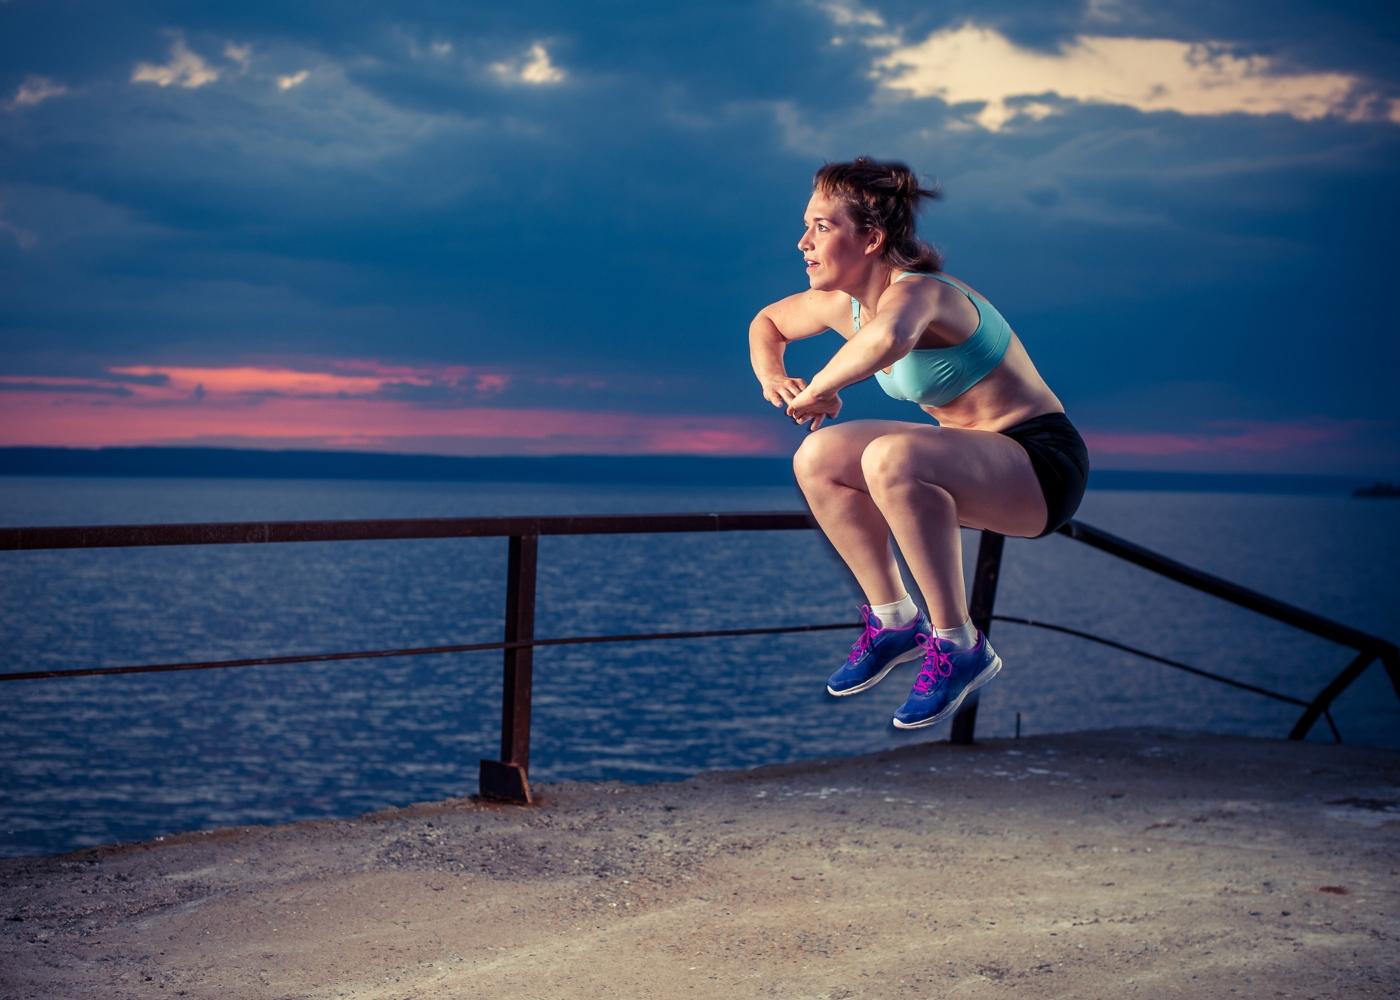 Mulher a treinar salto vertical